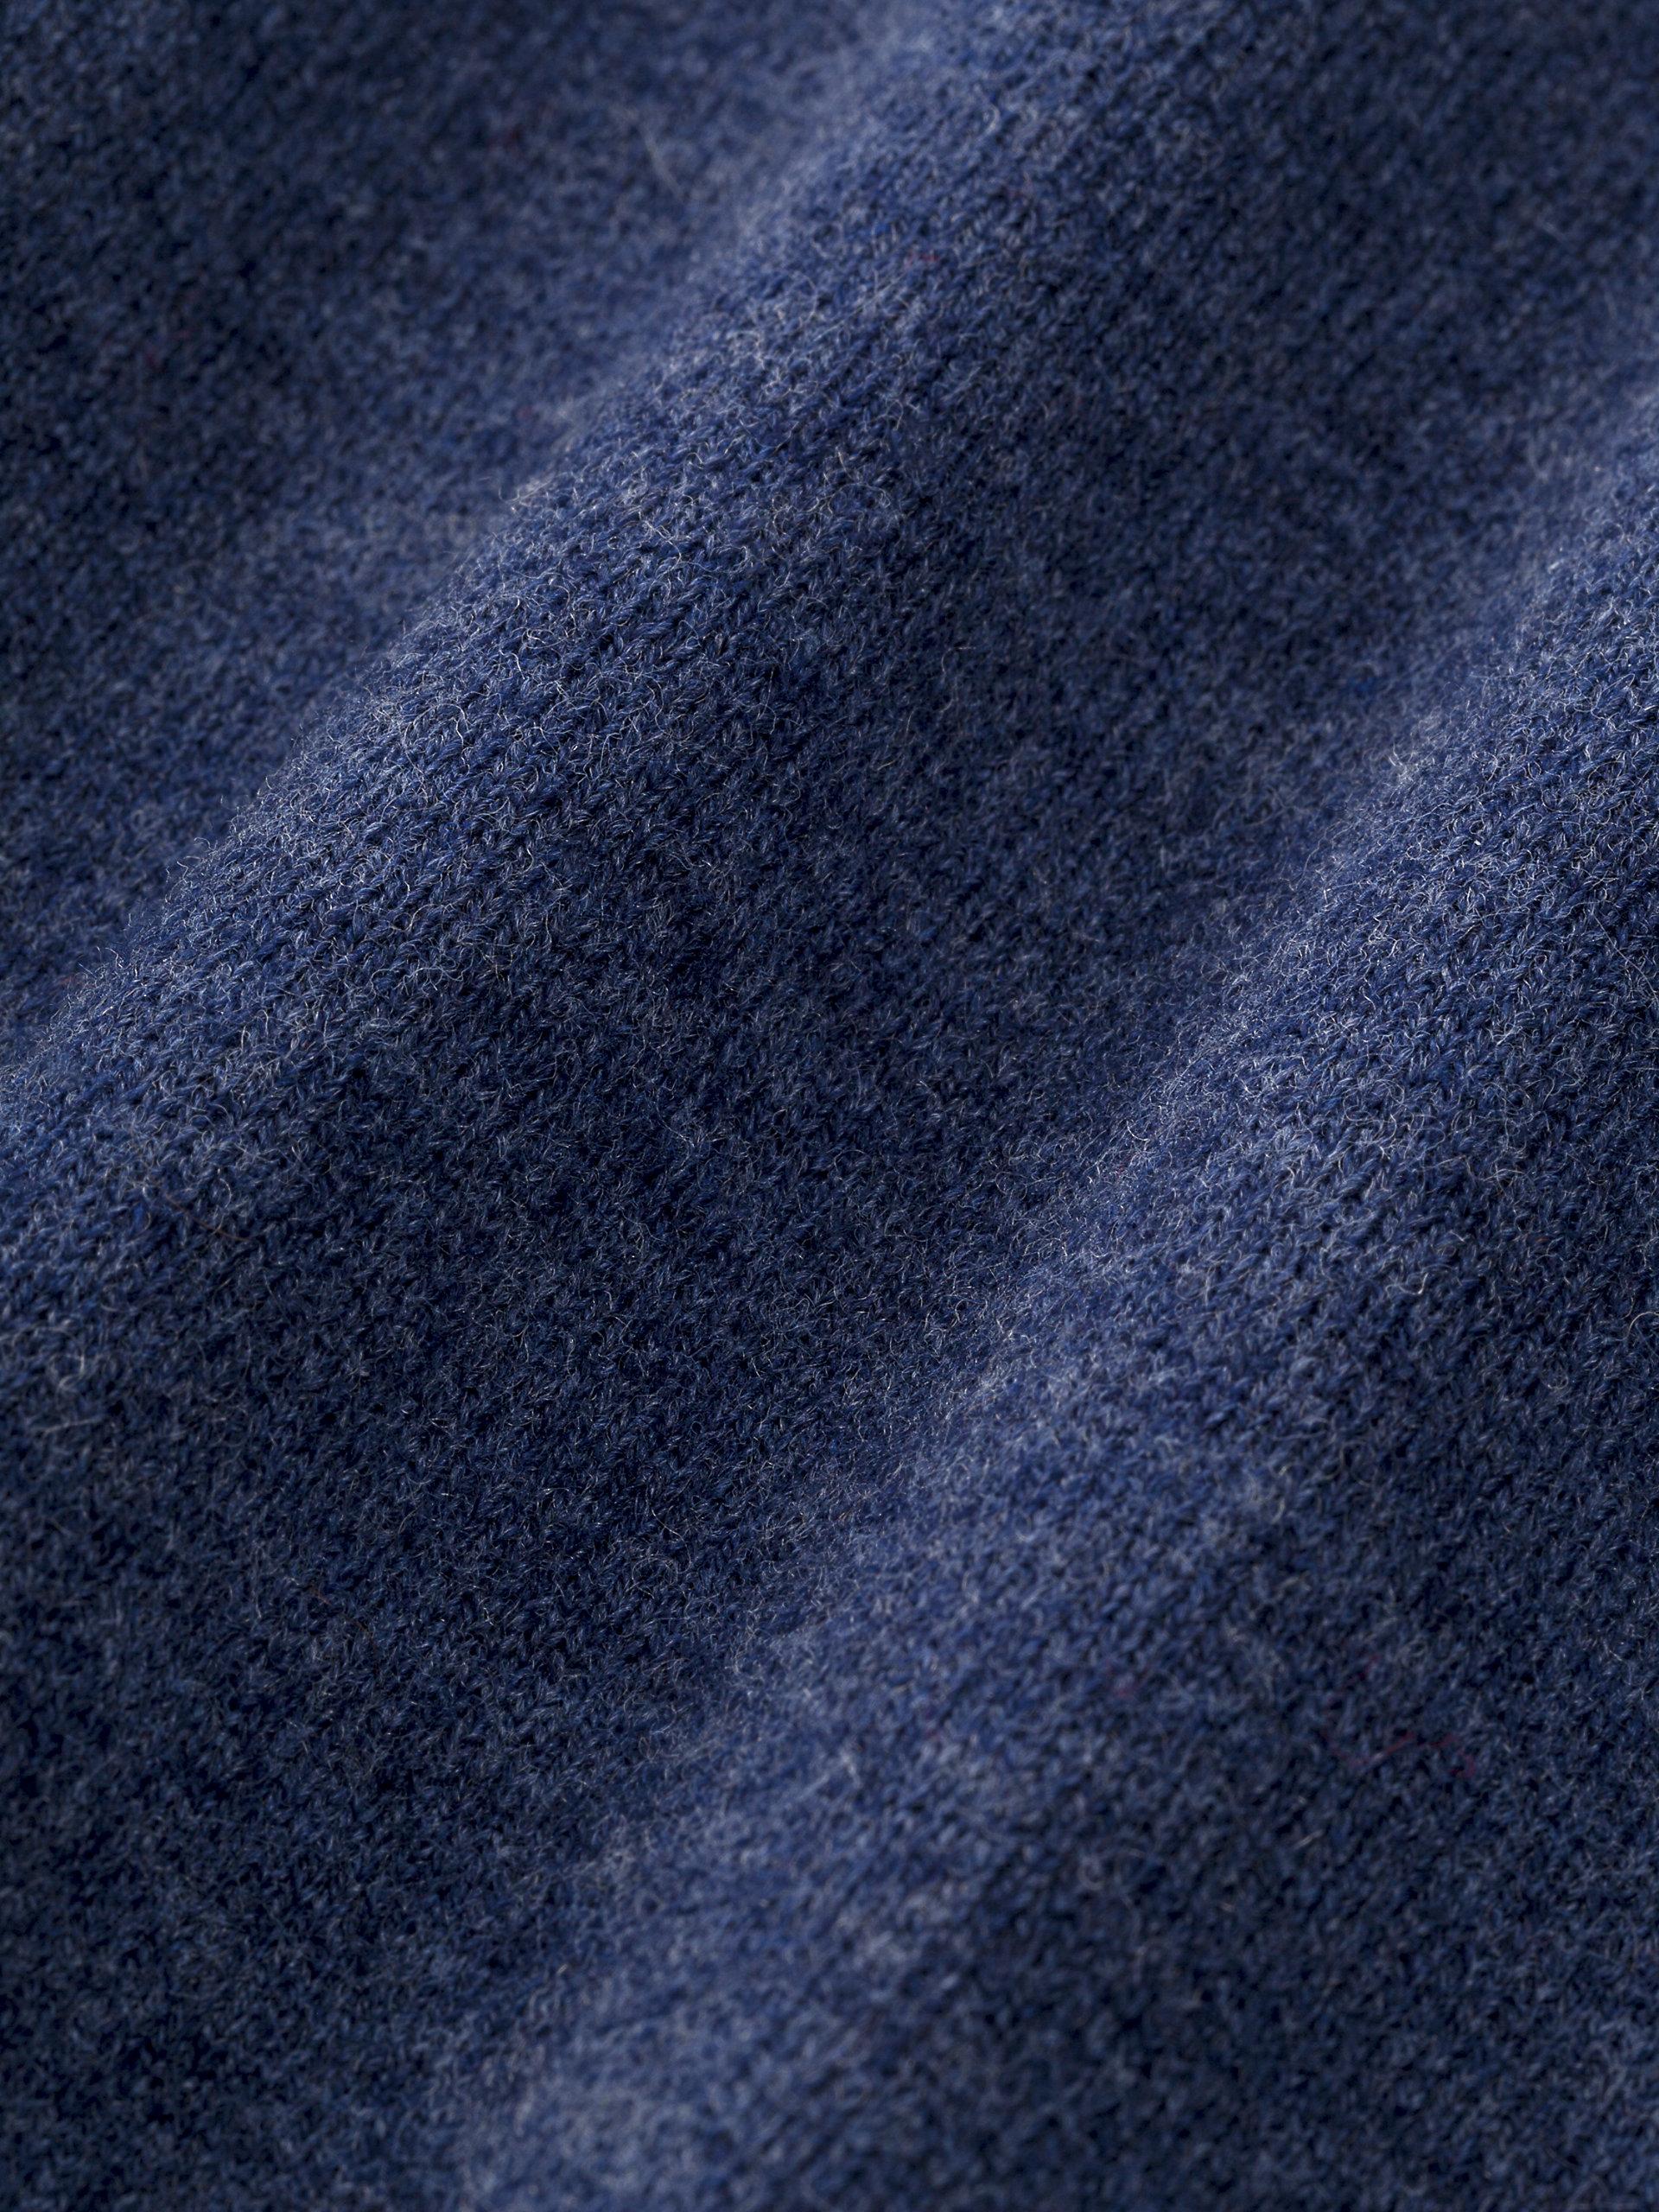 North Sails Herren Herren Herren Performance Bekleidung Pullover Mit Rundhalsausschnitt- 1fe918